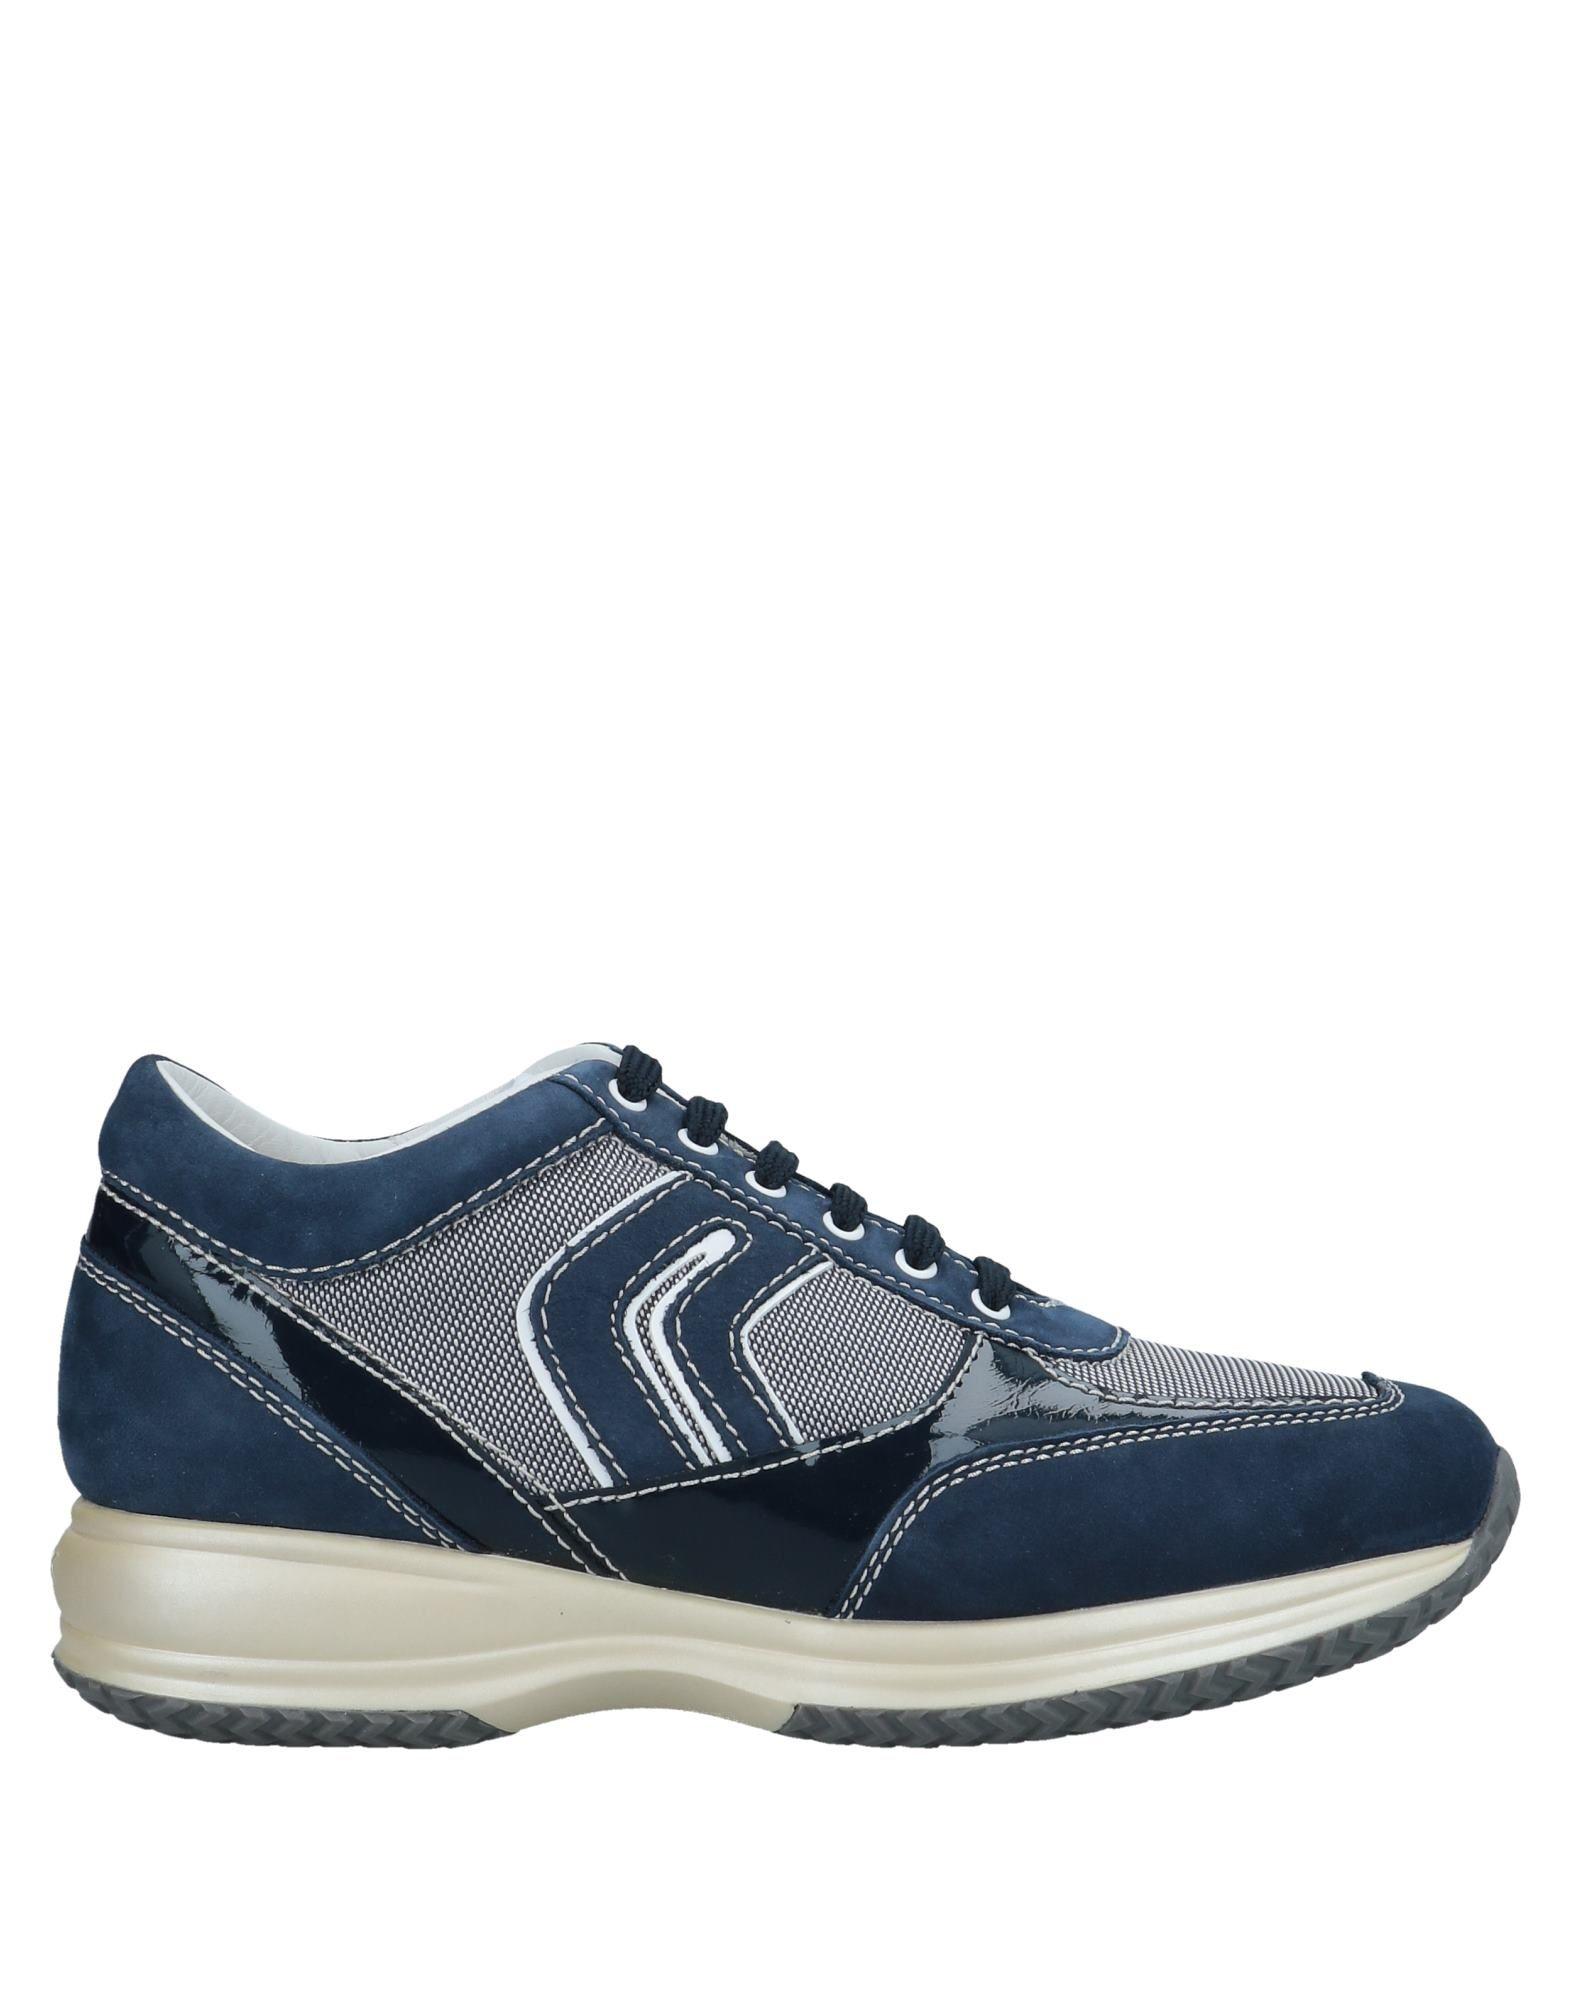 Geox Turnschuhes Damen 11551500EB Gute Qualität beliebte Schuhe